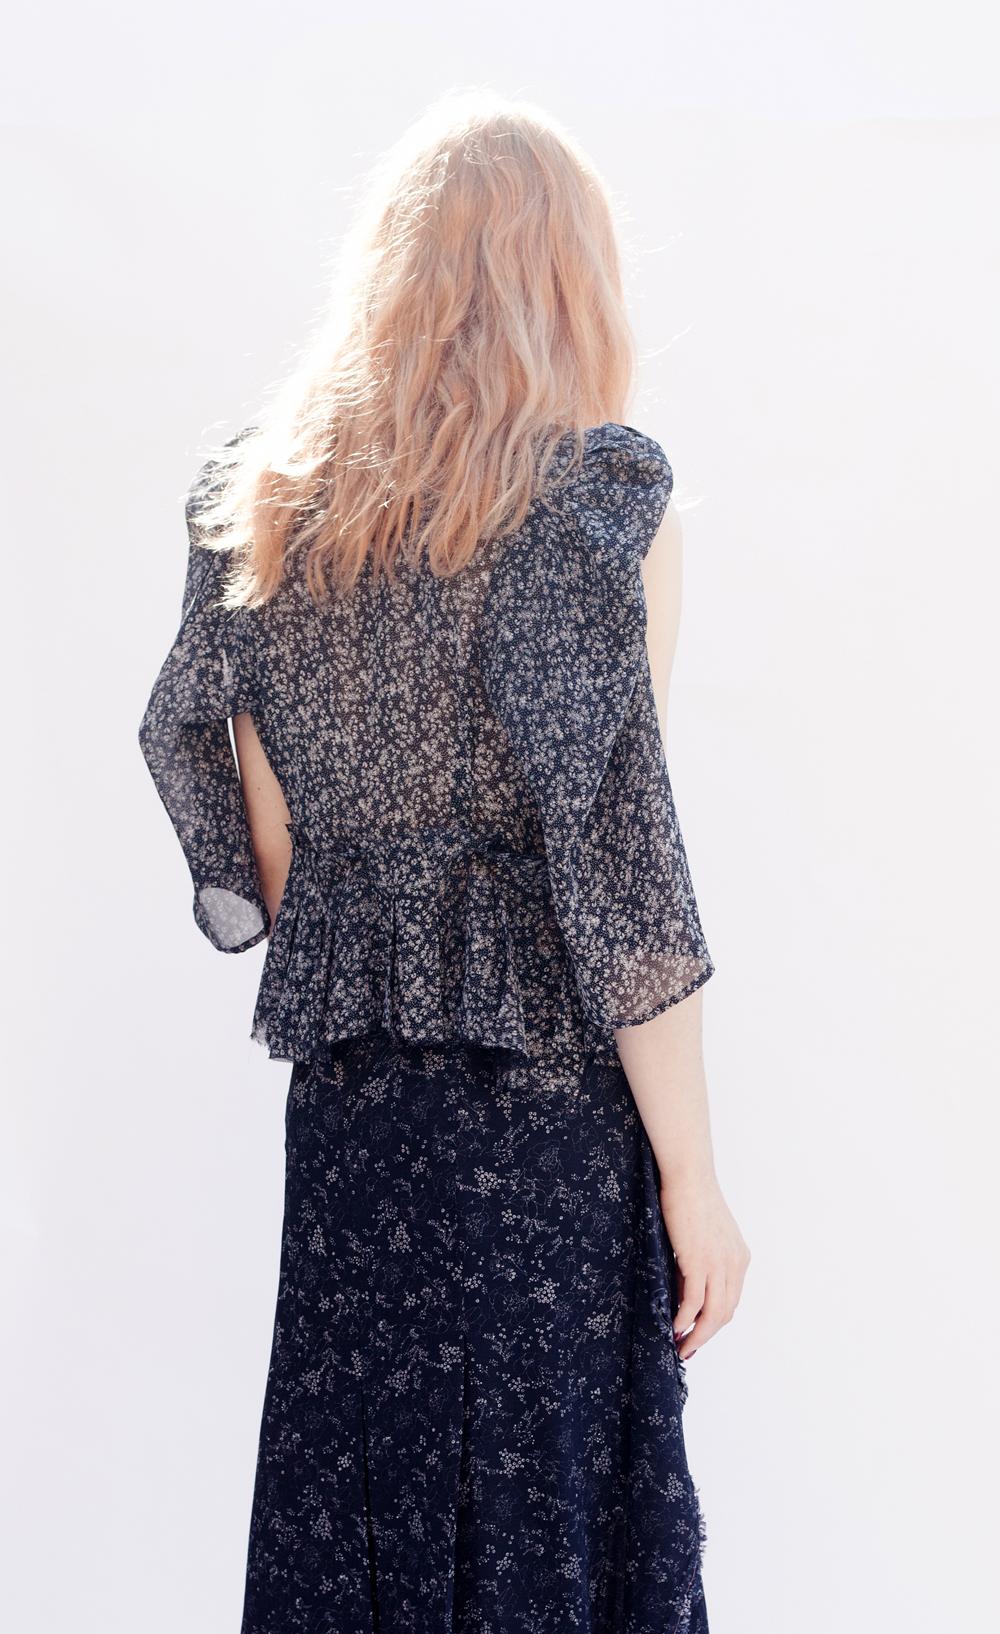 DRESS-ltd NAVY PRINT REMNANT Broken Dress Jacket & Inside Out Emerging Skirt